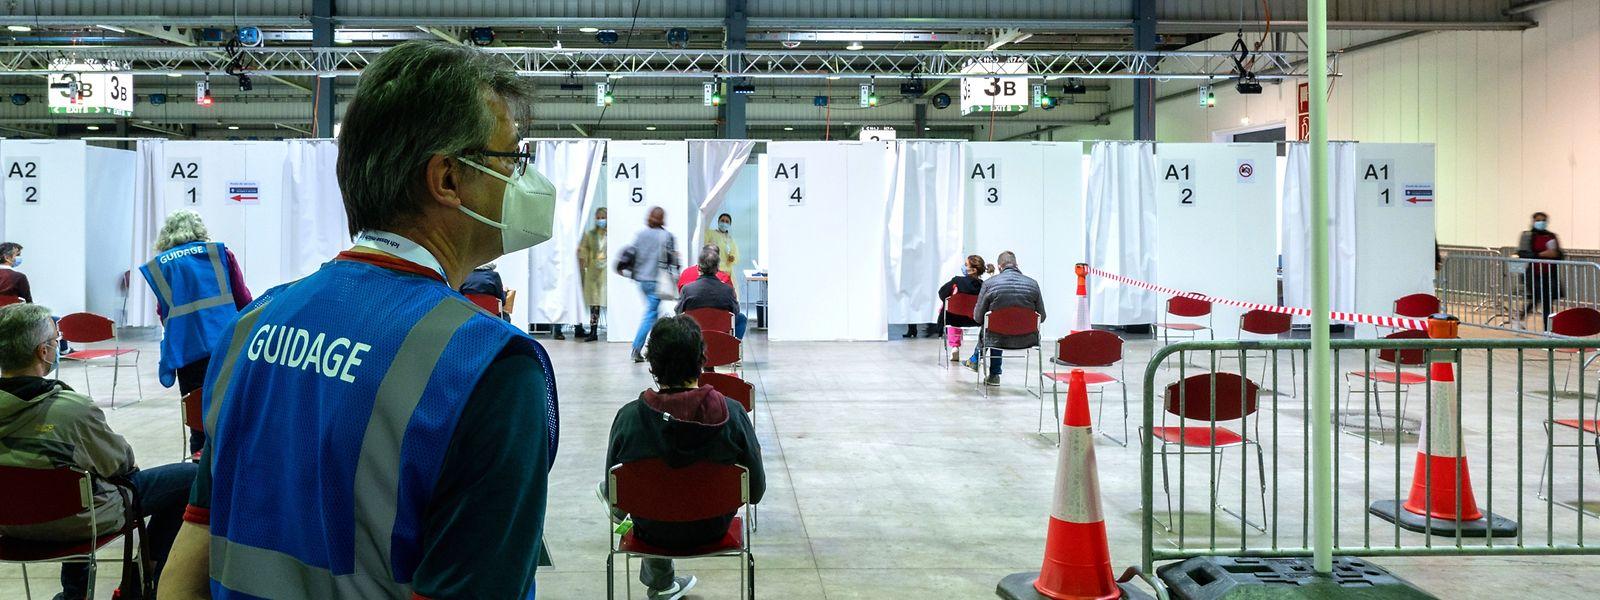 Pour le redémarrage, le centre fonctionnera avec 15 lignes de vaccination.